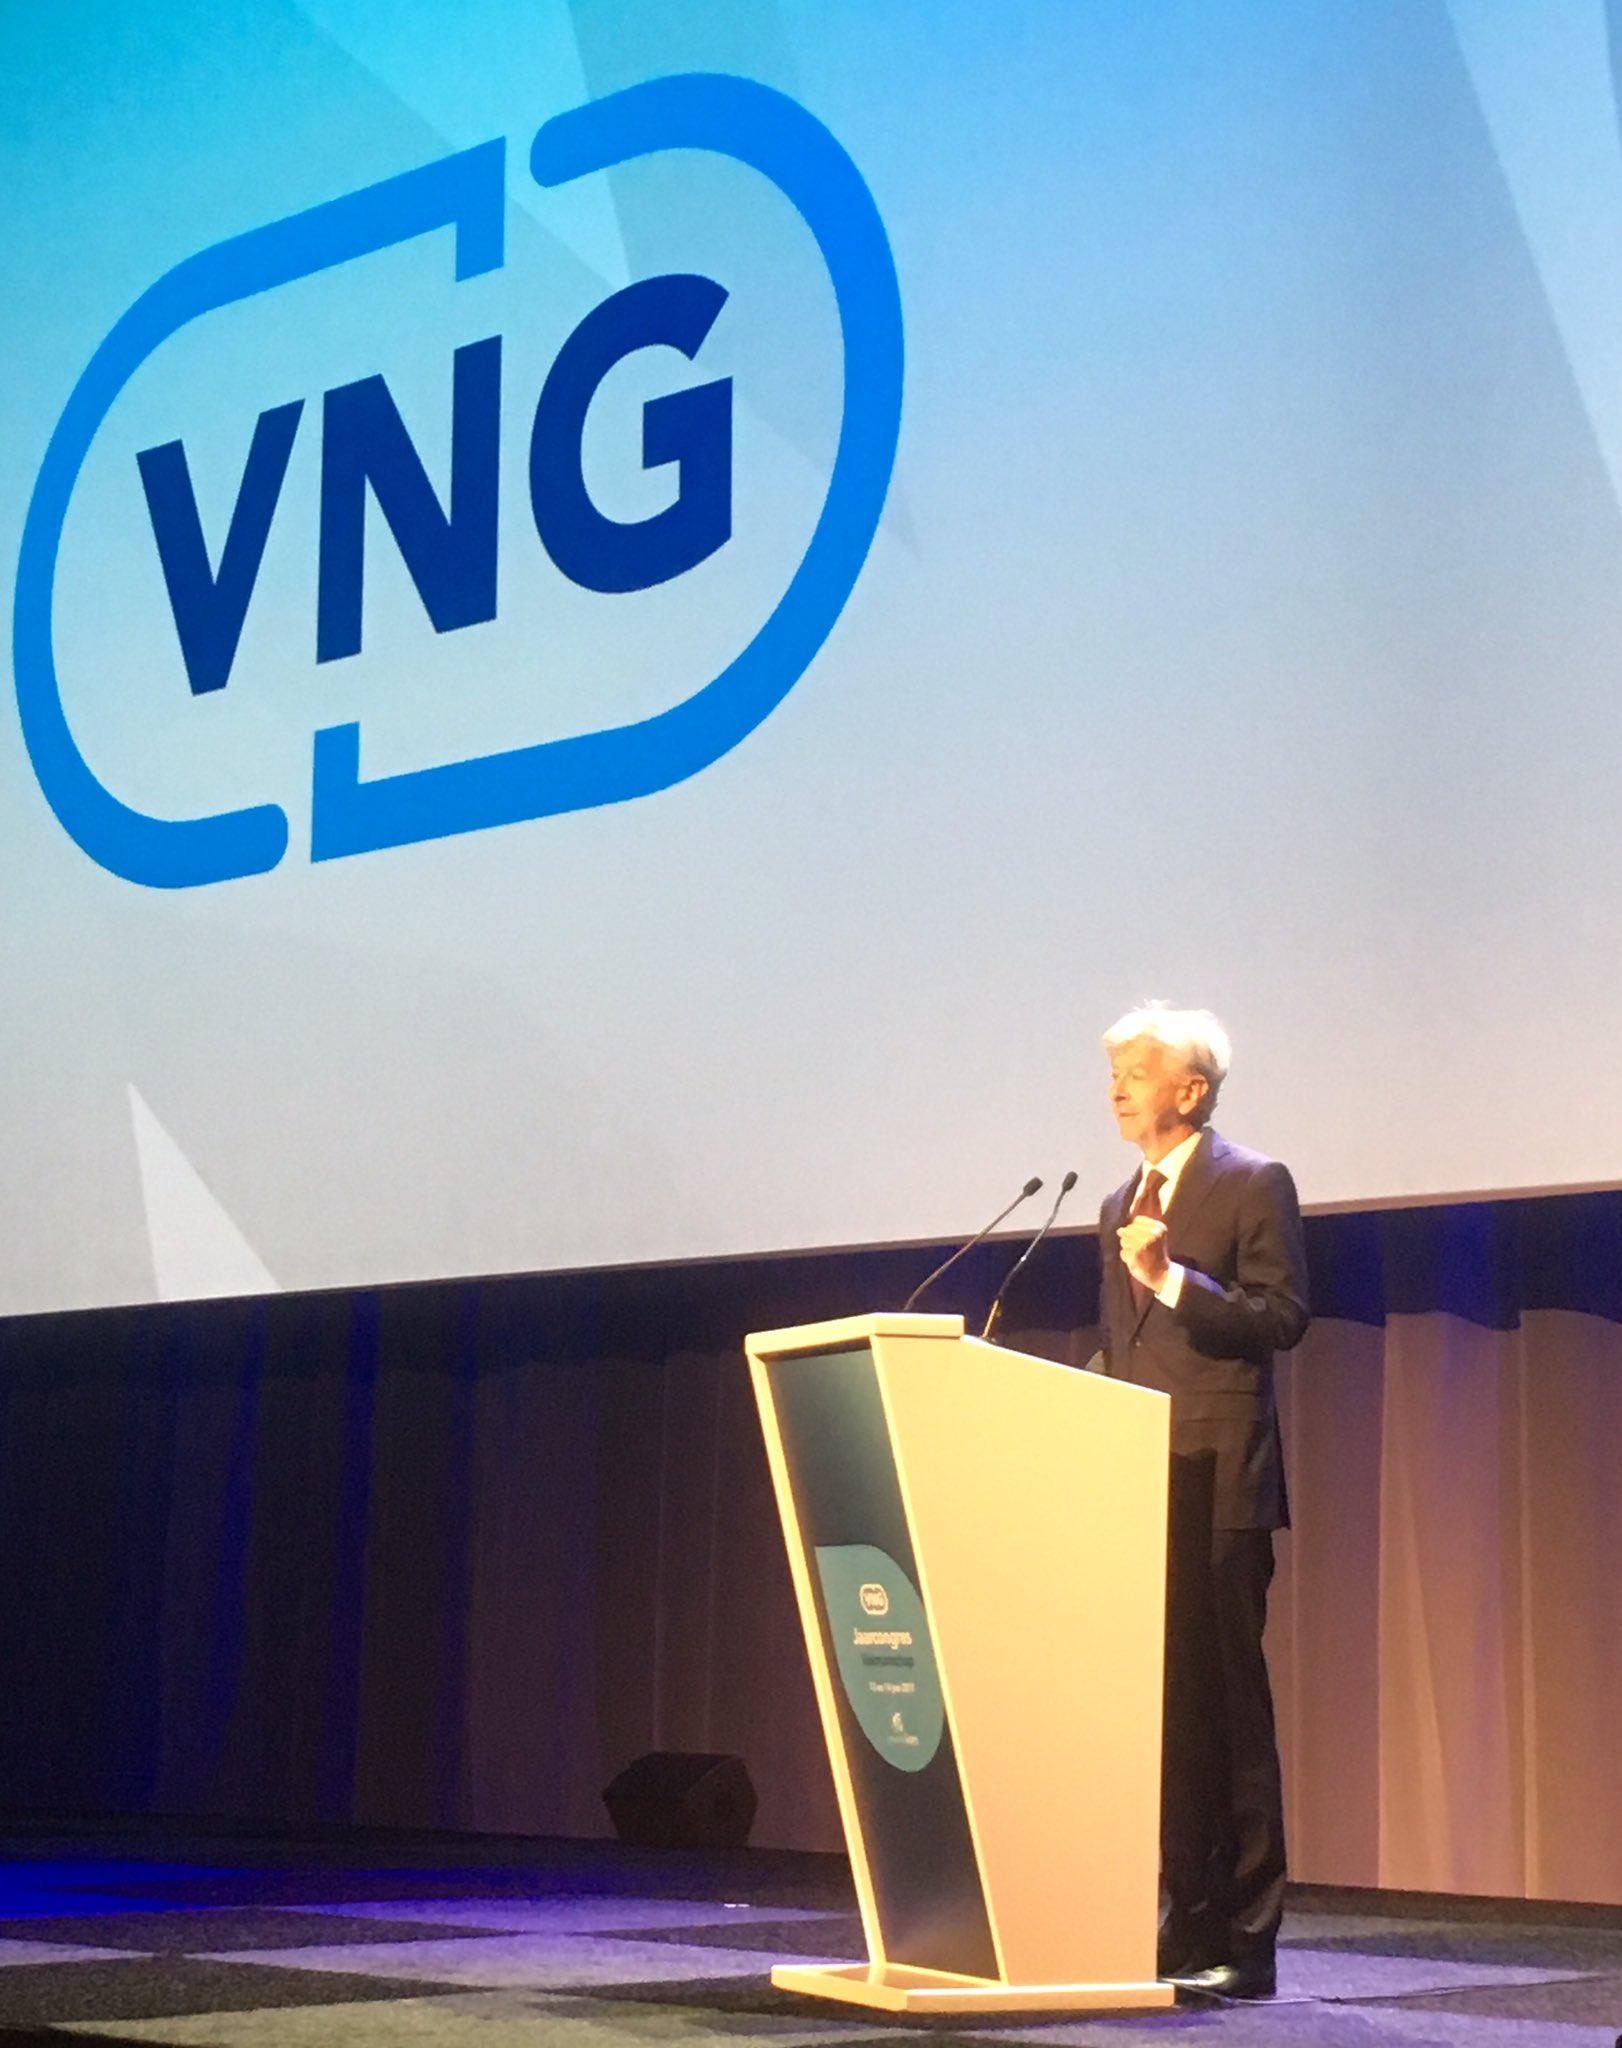 Minister @RPlasterk bij VNG congres; over zorgcontinuïteit sociaal domein en verruiming belastinggebied gemeenten #VNGCongres2017 https://t.co/qDp1Wa06fK